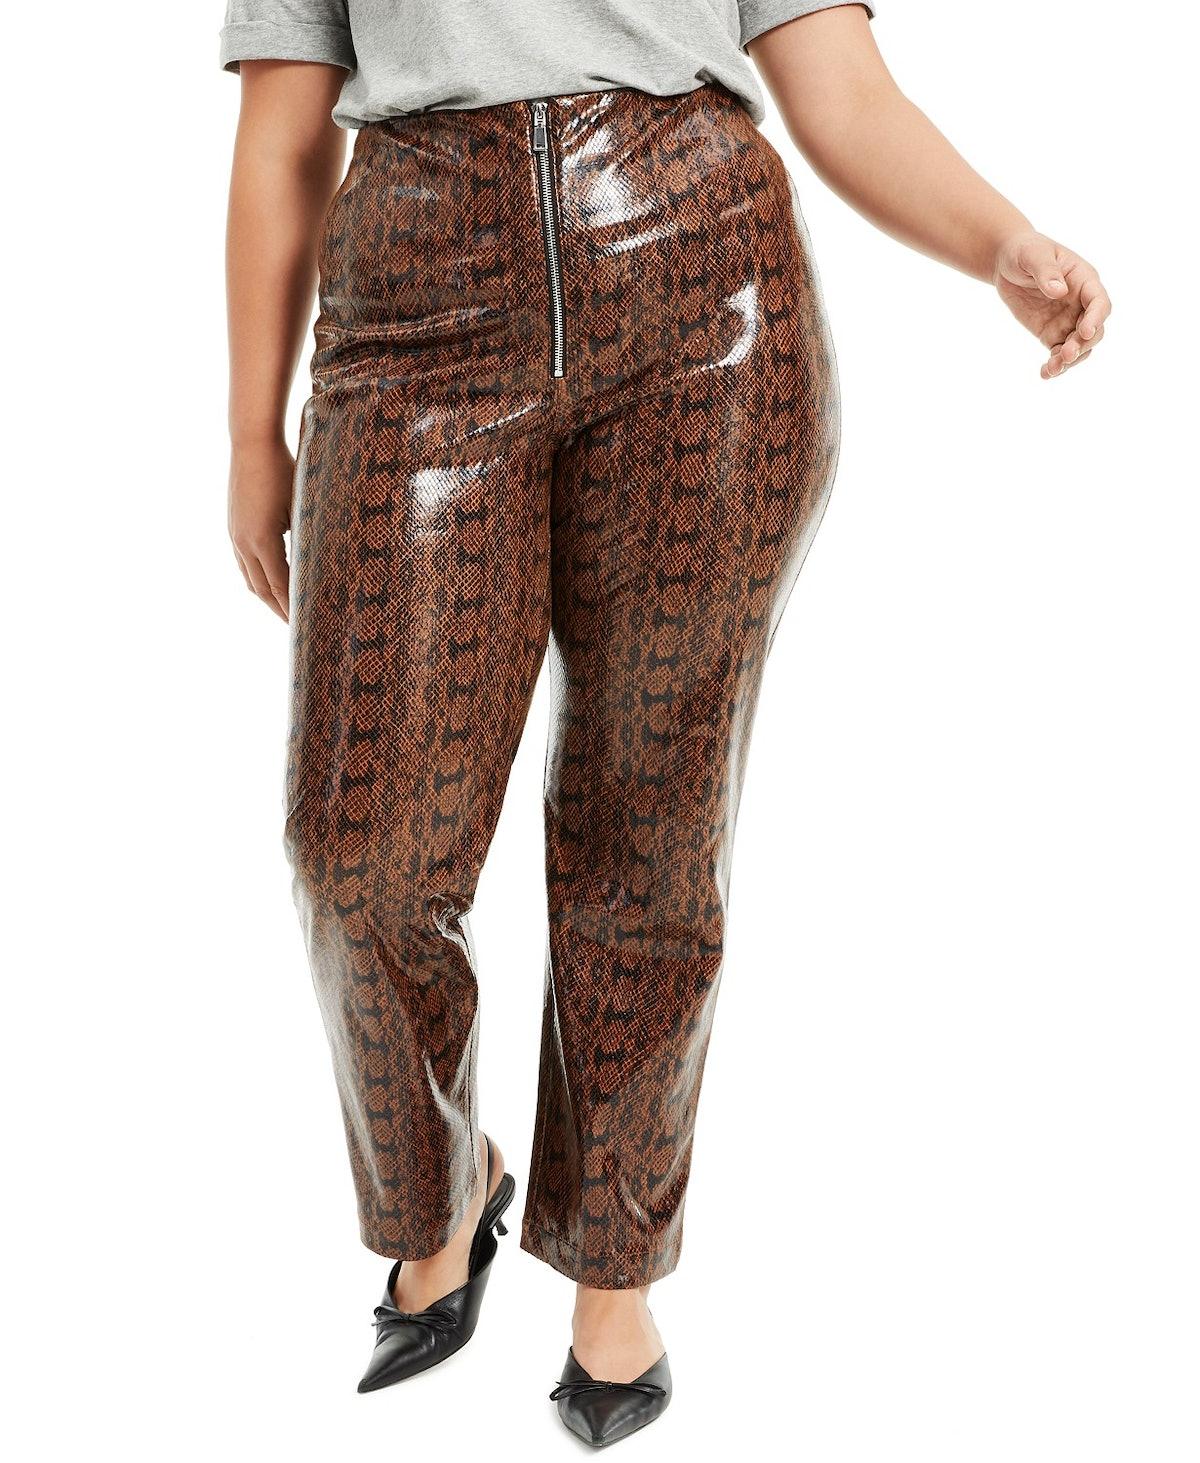 Danielle Bernstein Plus Size Faux-Snakeskin Pants